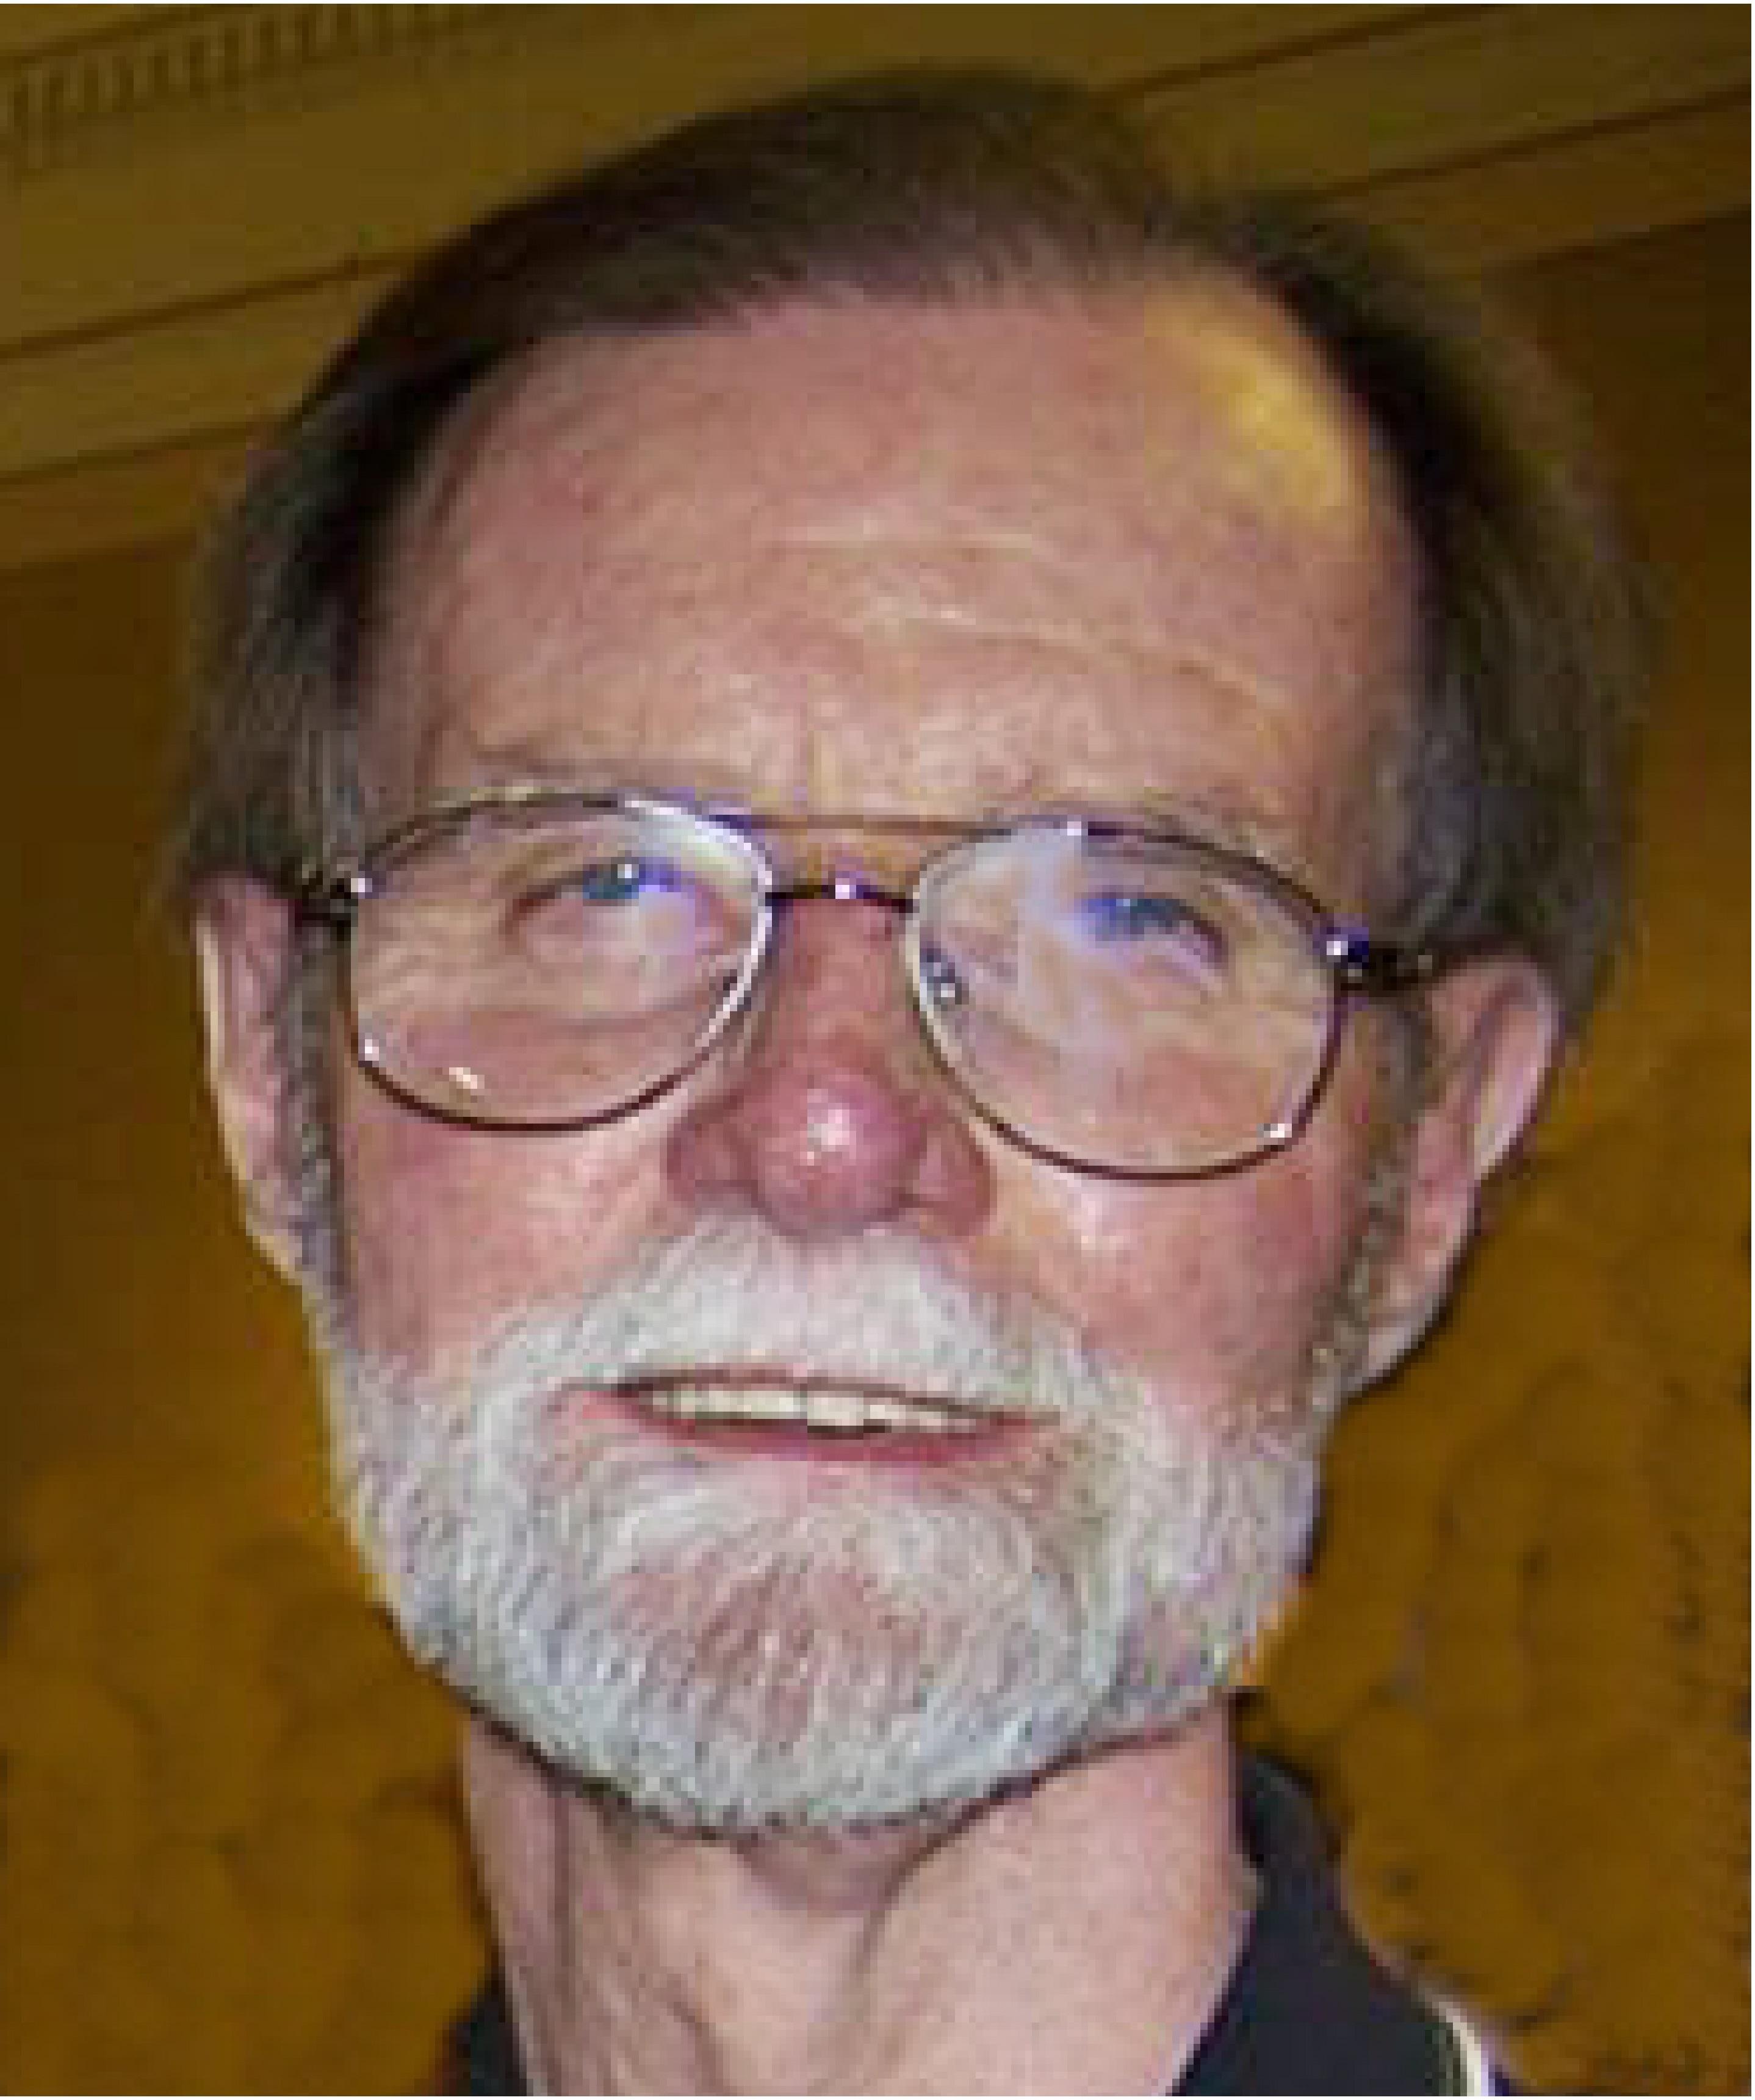 Dr. David L. Heffer